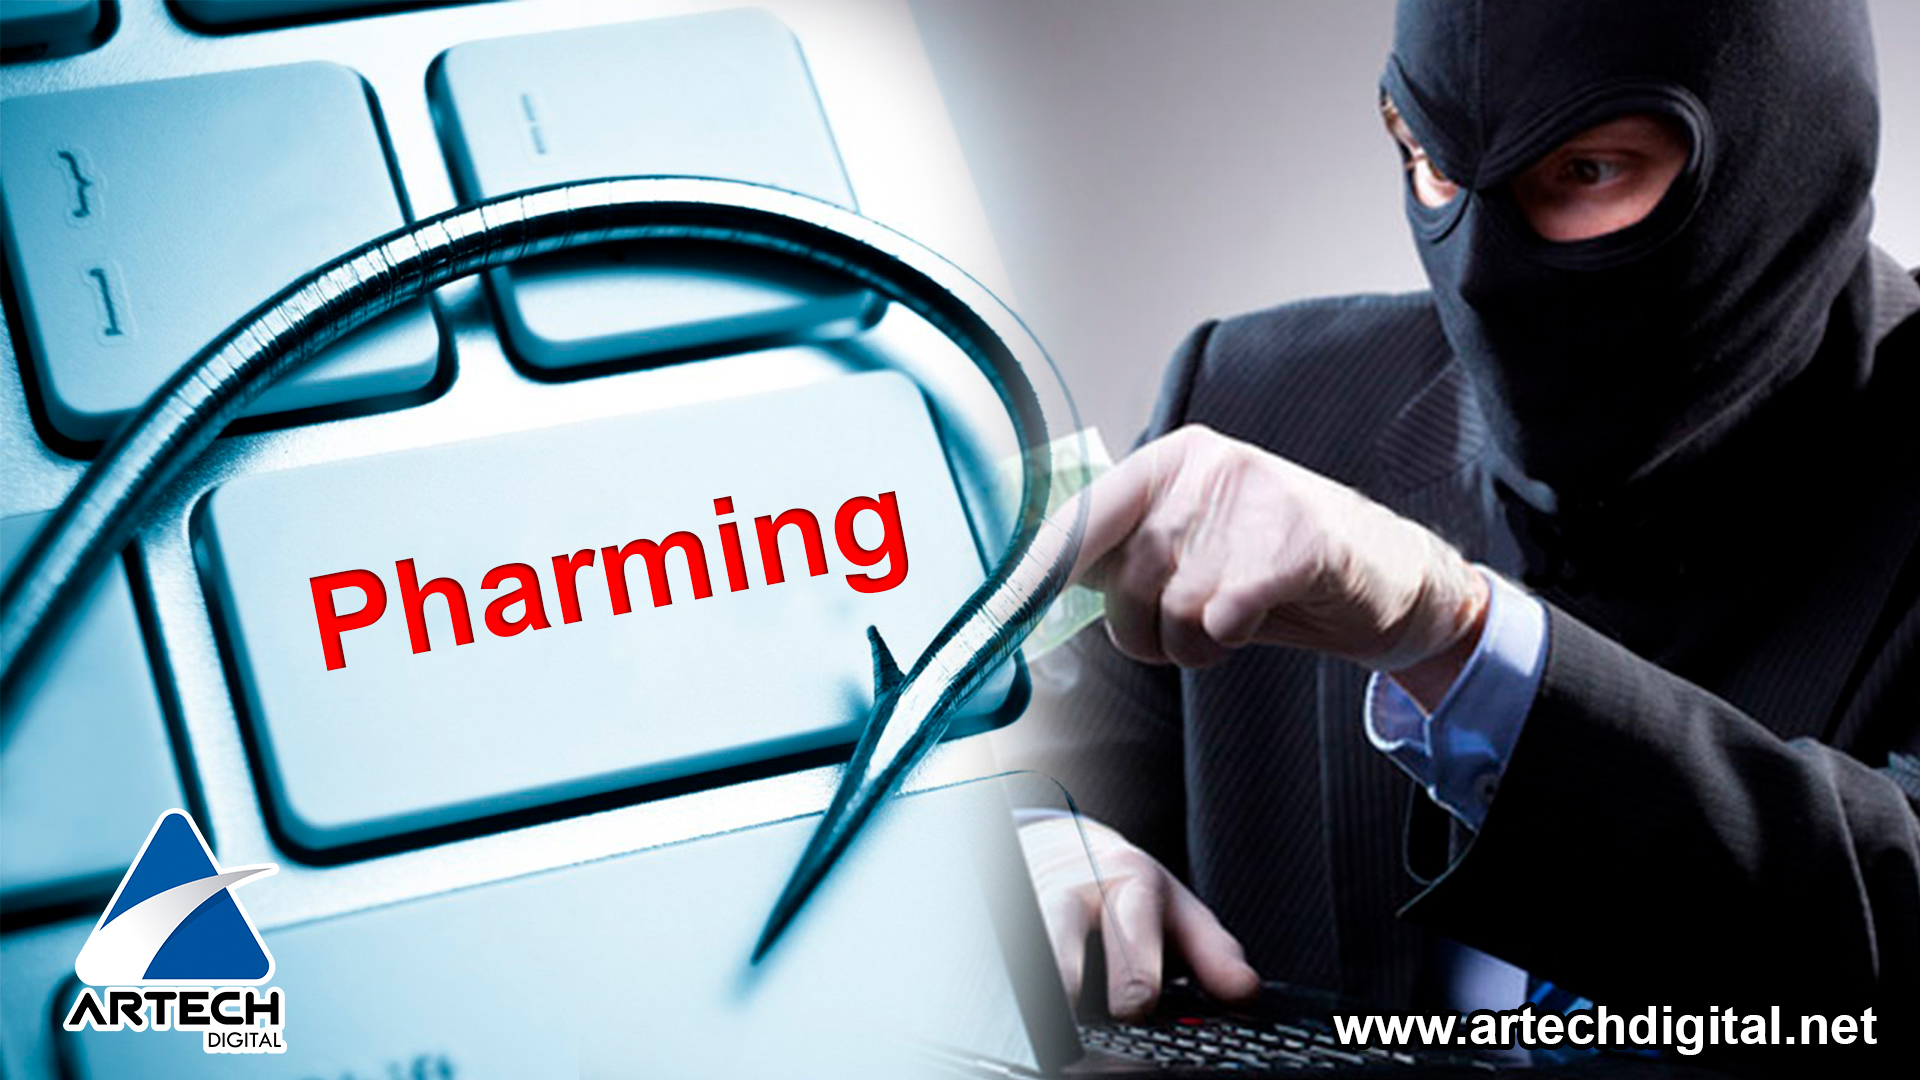 fraudes-informáticos _ pharming _ artech _ digital